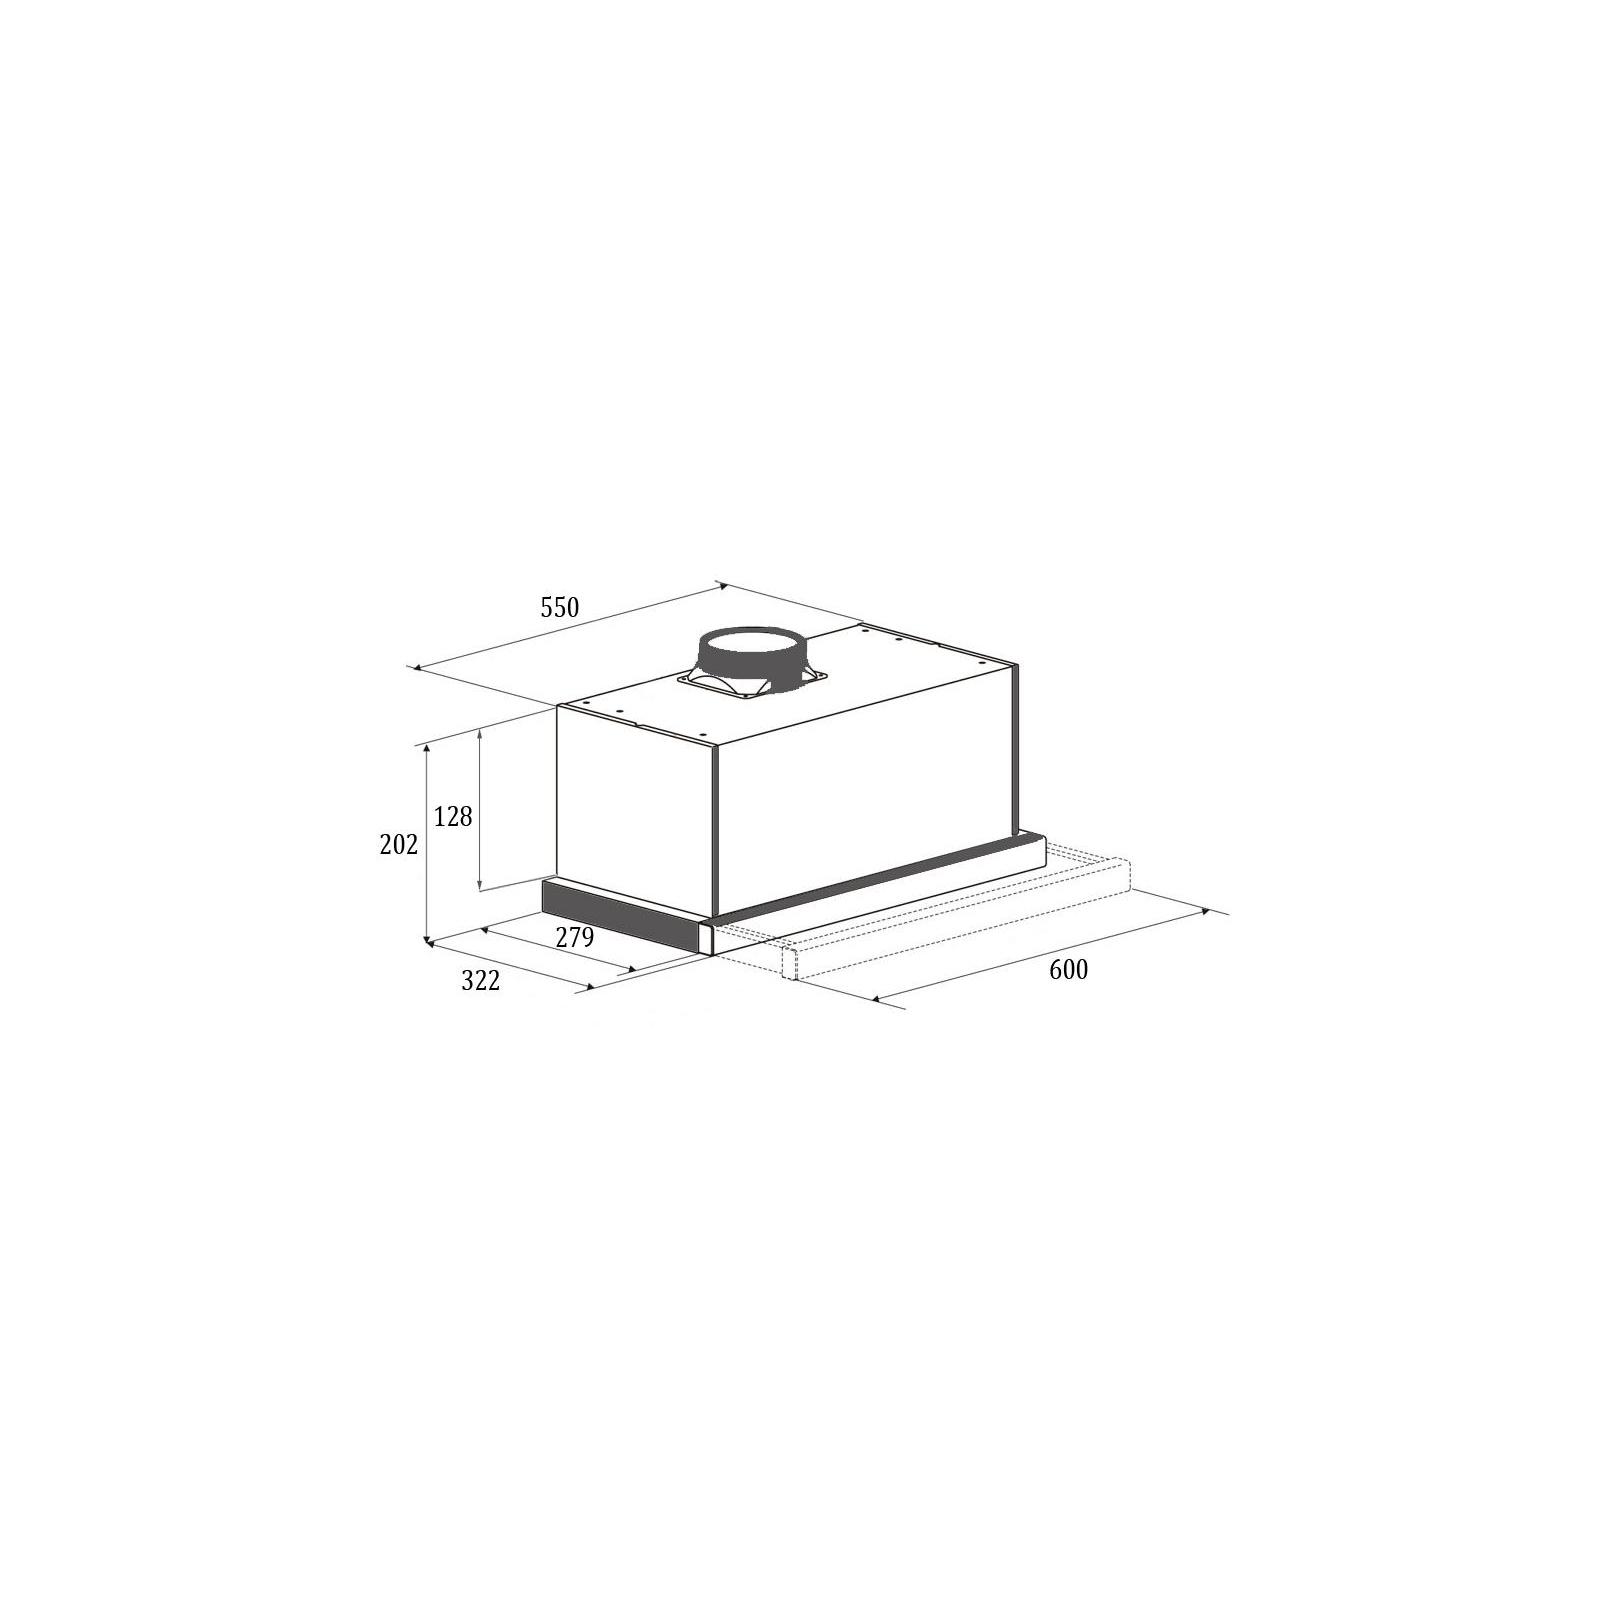 Вытяжка кухонная GUNTER&HAUER AGNA 600 GL изображение 8